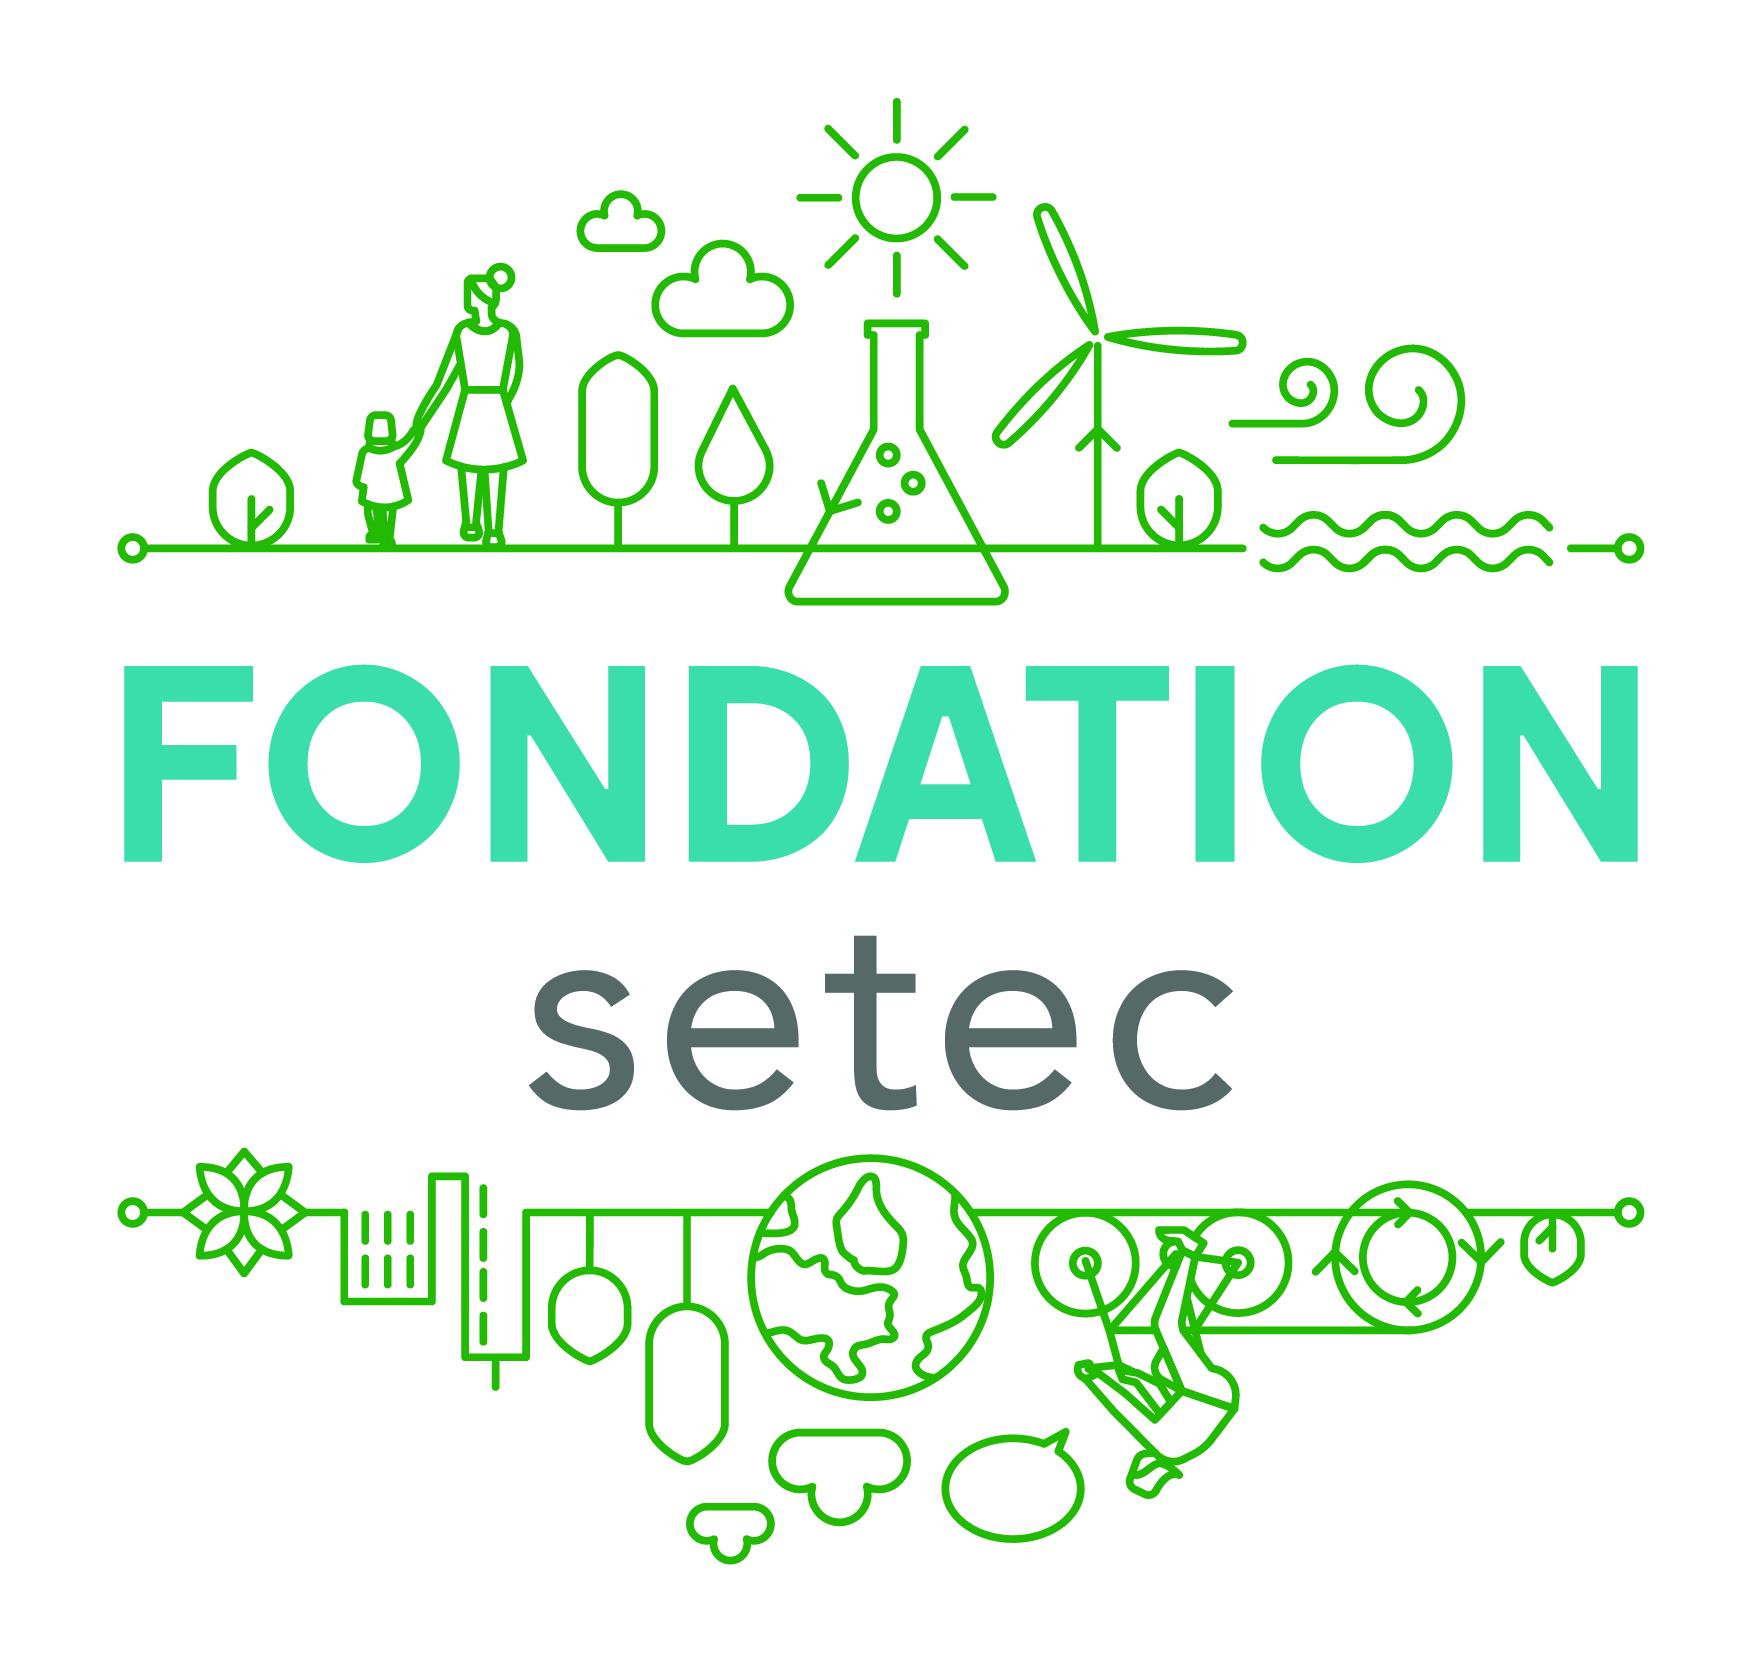 Fondation Setec